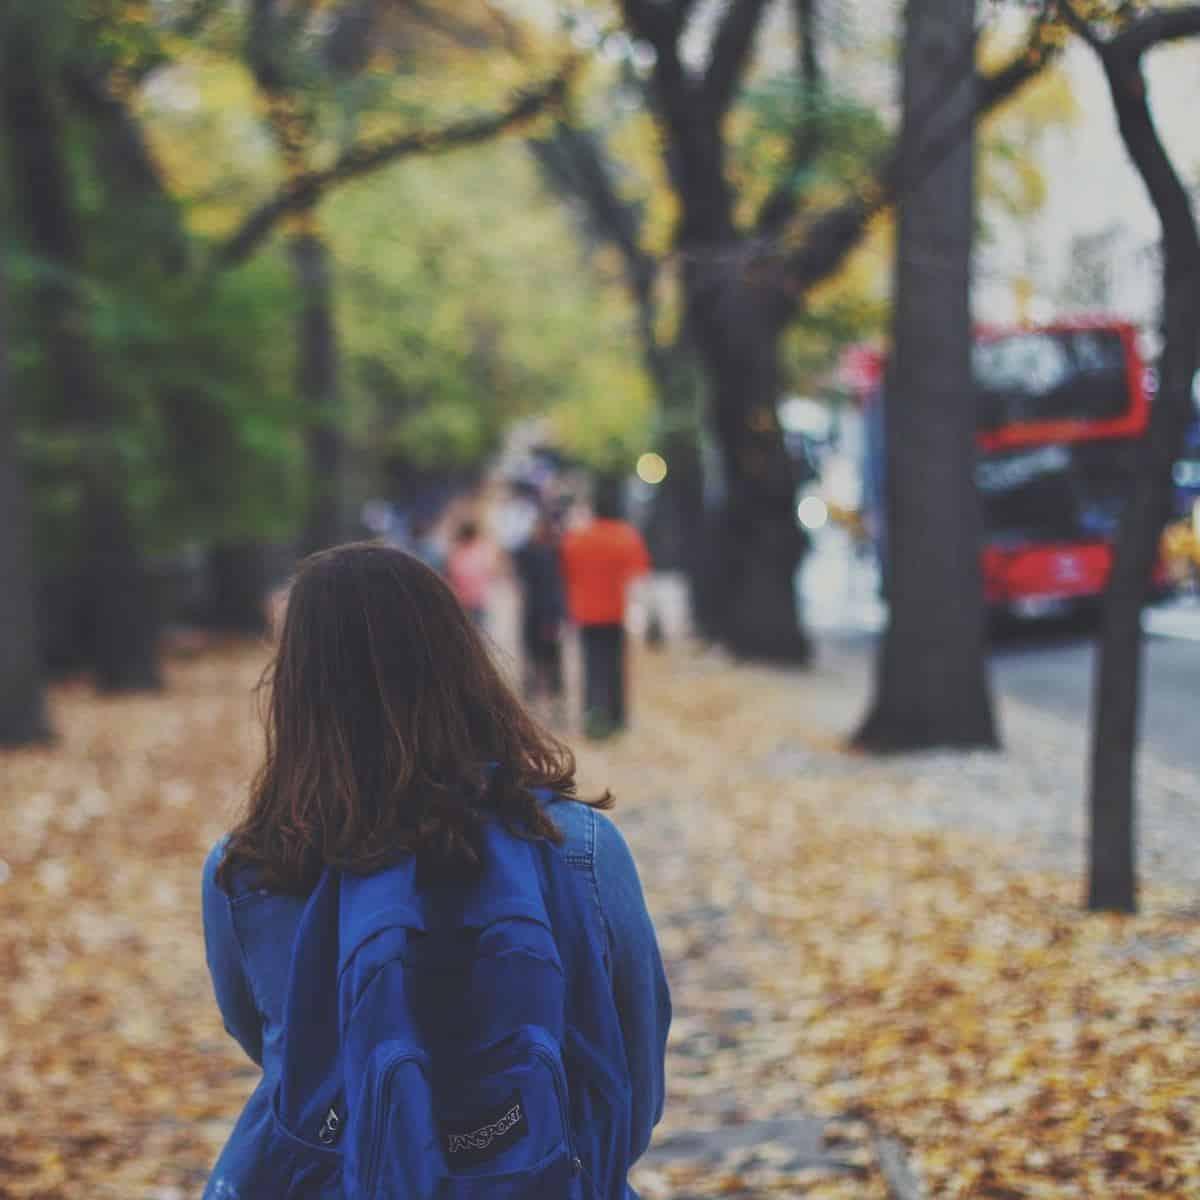 teen girl near a bus stop